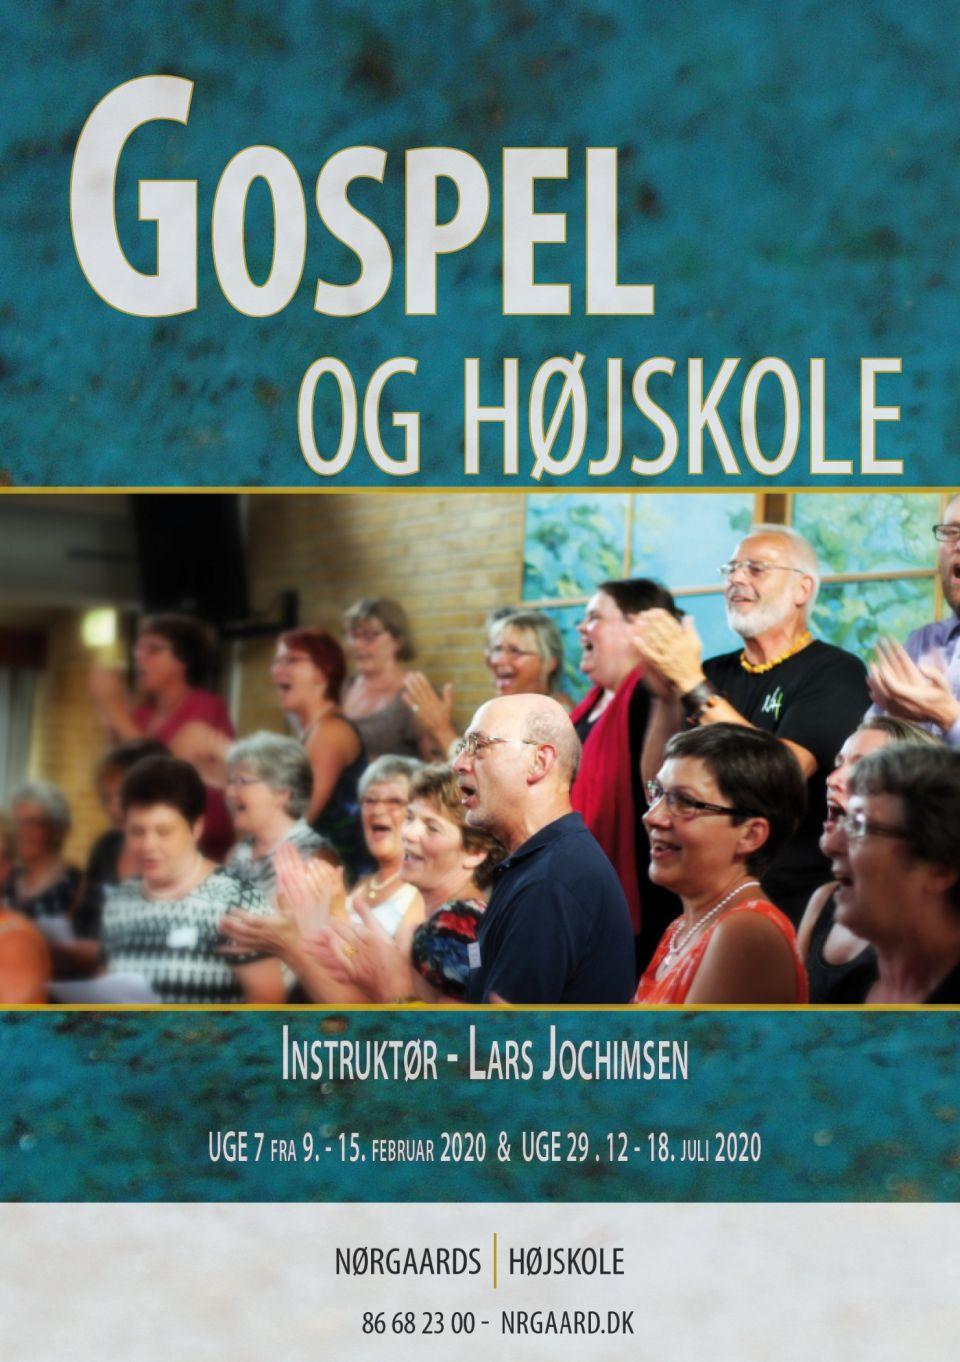 """VINTER-GOSPELWORKSHOPPå Nørgaards Højskole uge 7 (09.-15.februar 2020)Instruktør: Lars JochimsenTemaet i år er """"It's A New Season""""- et nyt år med nye muligheder. Vi arbejder i 3 stemmegrupper SAT og her er plads til ALLE der har lyst til at synge gospel.Ingen krav om tidligere erfaring – du skal bare have lyst til at synge.Kom og oplev en sjovt, lærerigt og livsbekræftende gospeluge.Vi glæder os til at se dig :-)Læs mere om kurset – klik på linket: https://nrgaard.dk/korte-ku…/sang-musik/gospel-og-hoejskole/Har du spørgsmål kontakt os gerne på mail: adm@nrgaard.dk eller på telefonnummer : 86 68 23 00."""